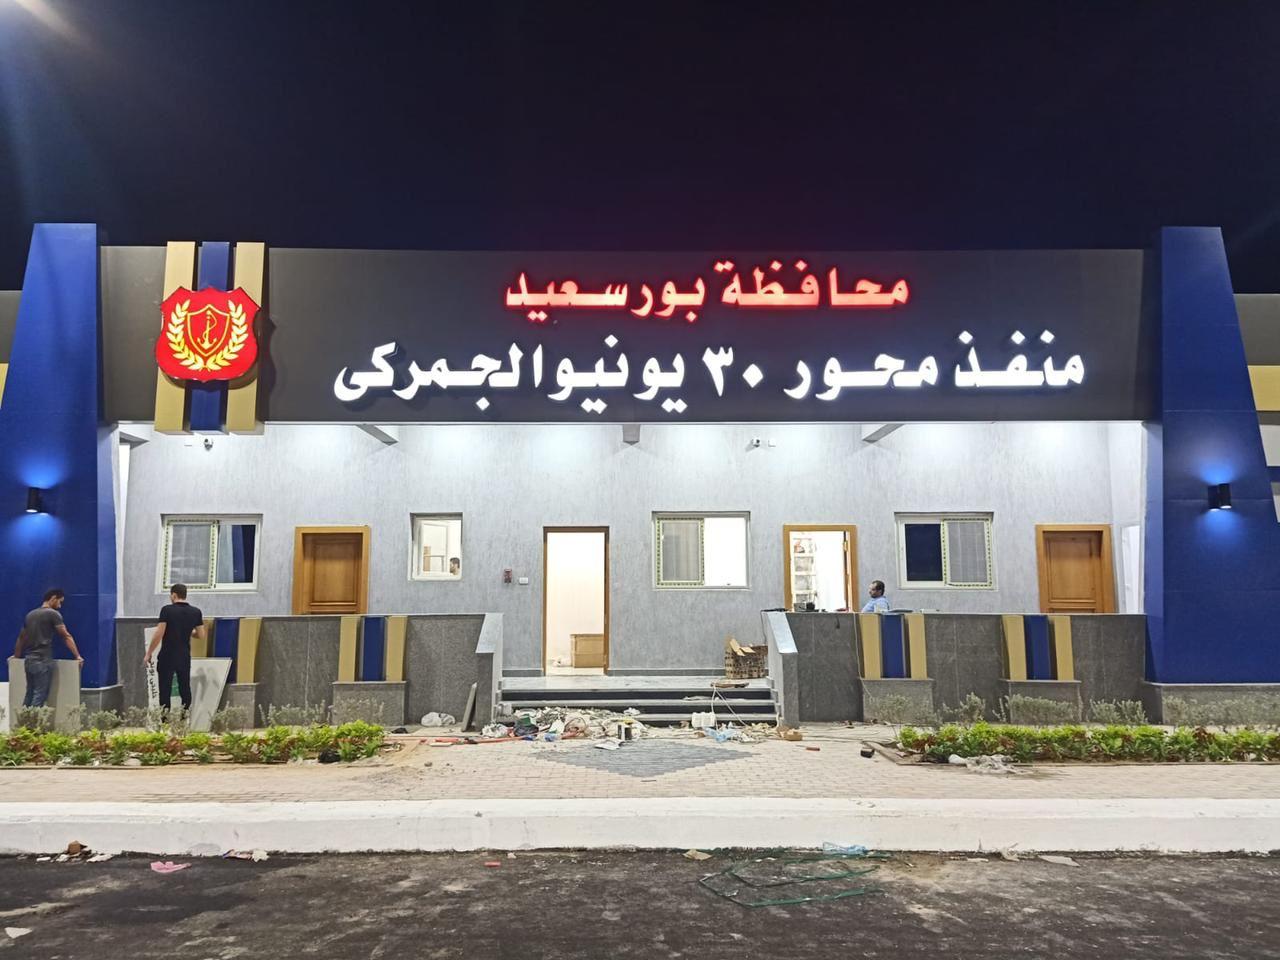 محافظ بورسعيد الانتهاء من إضاءة منفذ الحي الإماراتي الجديد على طريق محور ٣٠ يونيو |صور